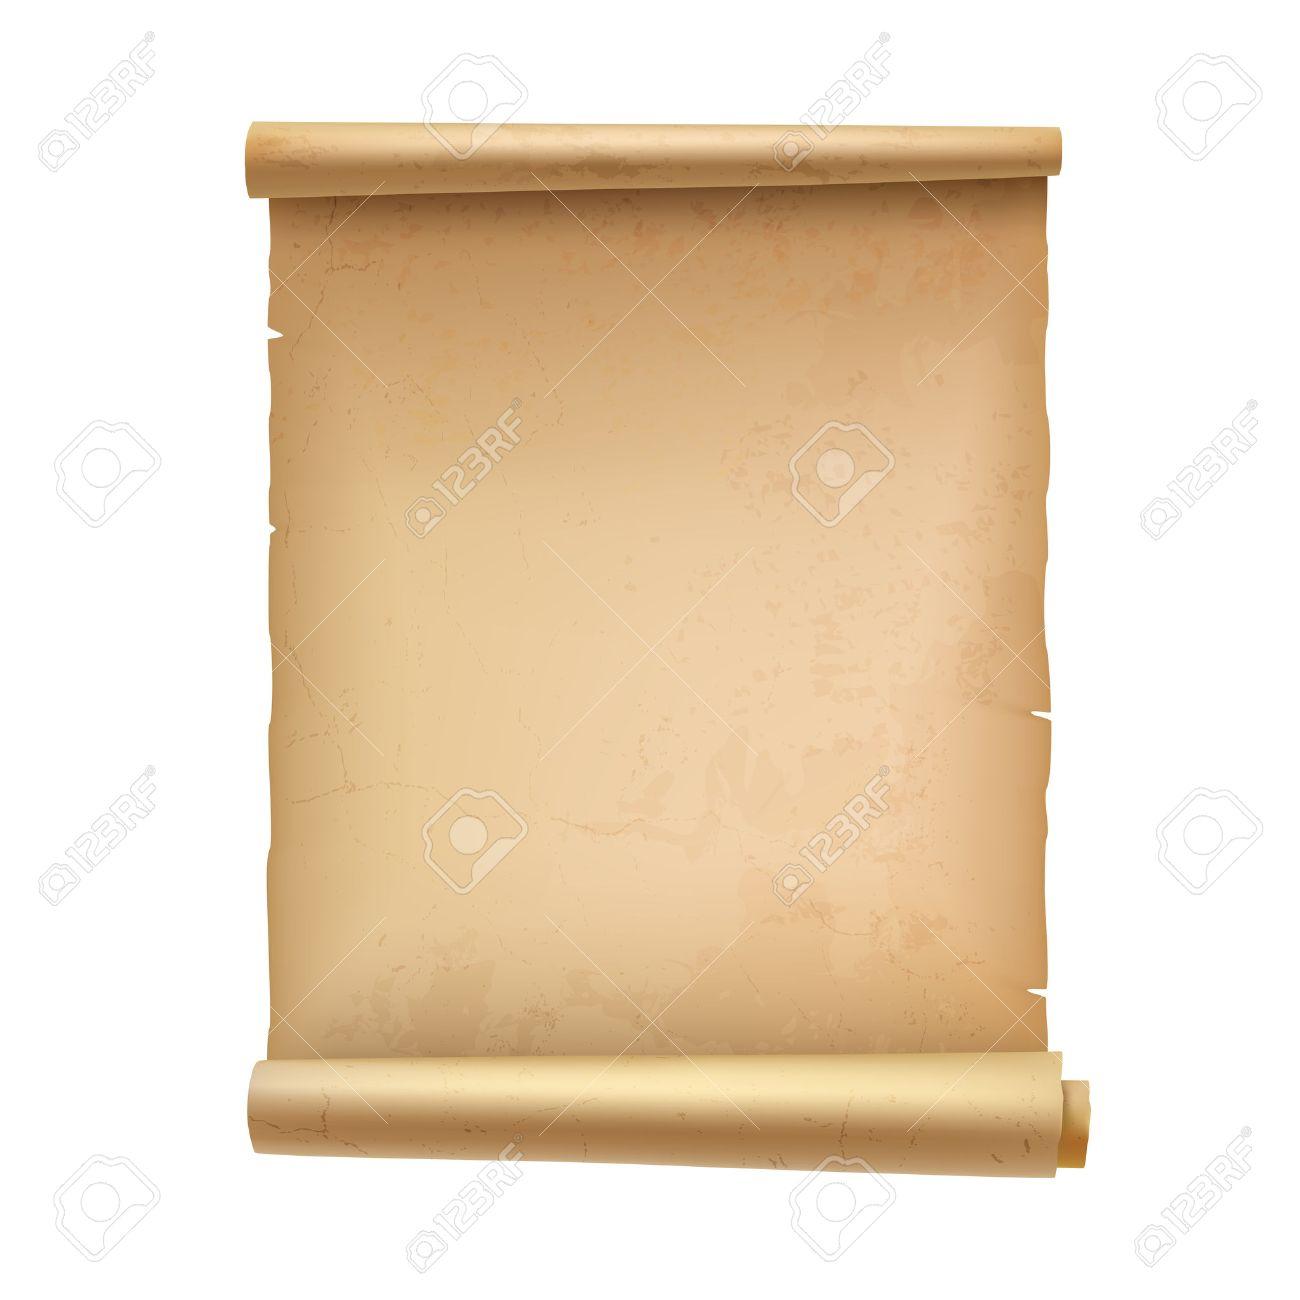 Jahrgang Leere Scroll-Dokument Pergament Isoliert Auf Weißem ...